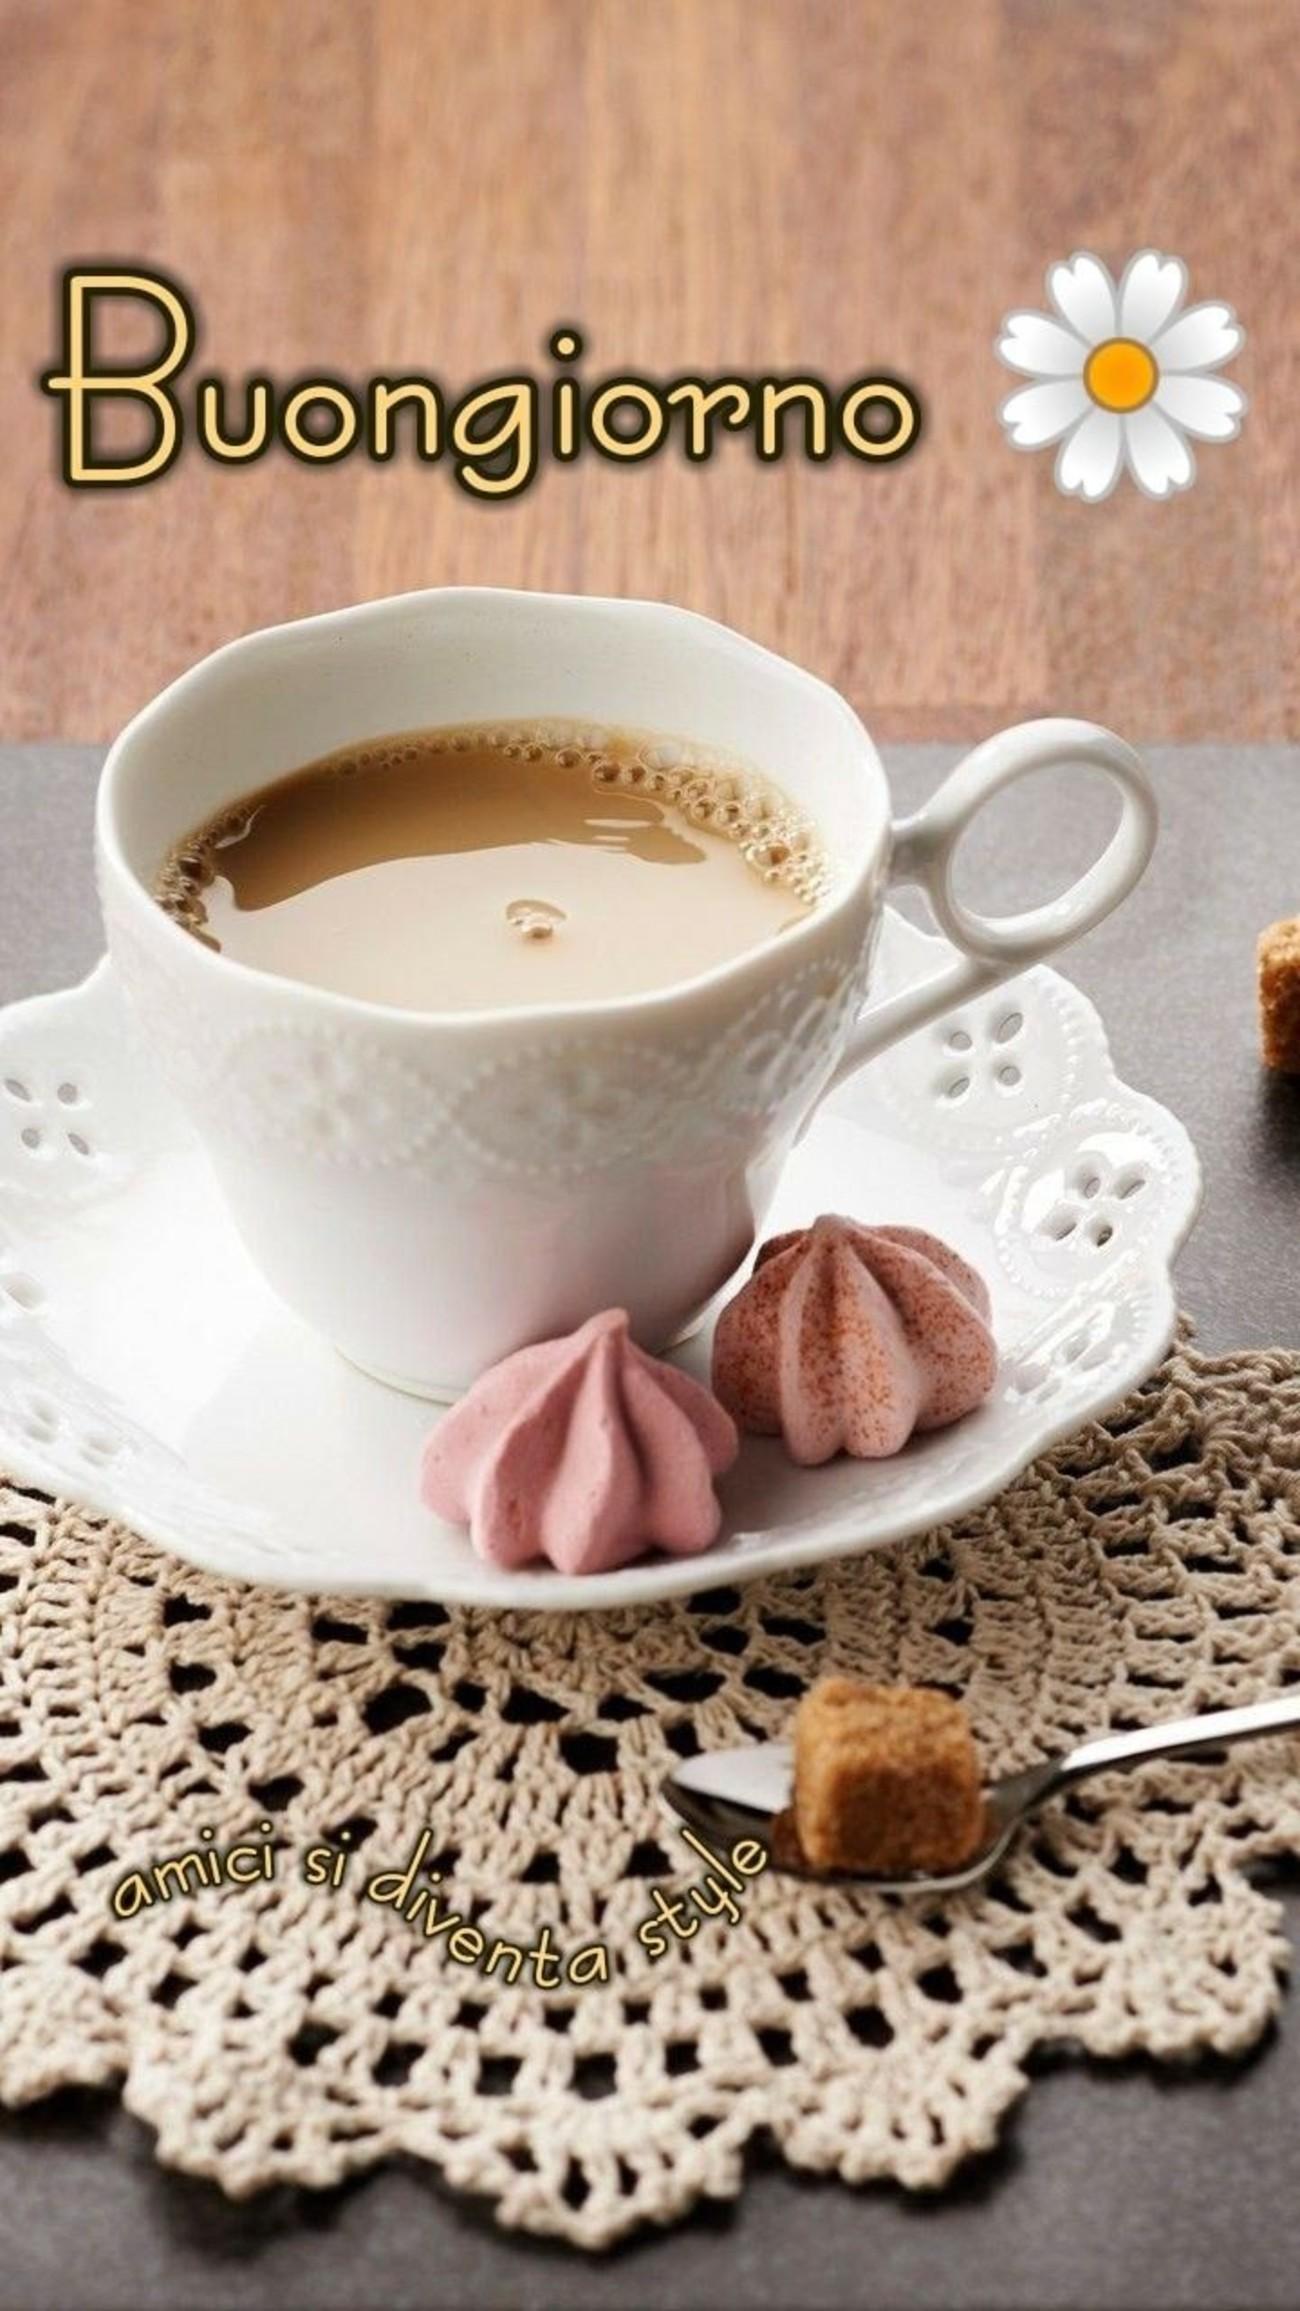 Immagini Buongiorno con caffè 3